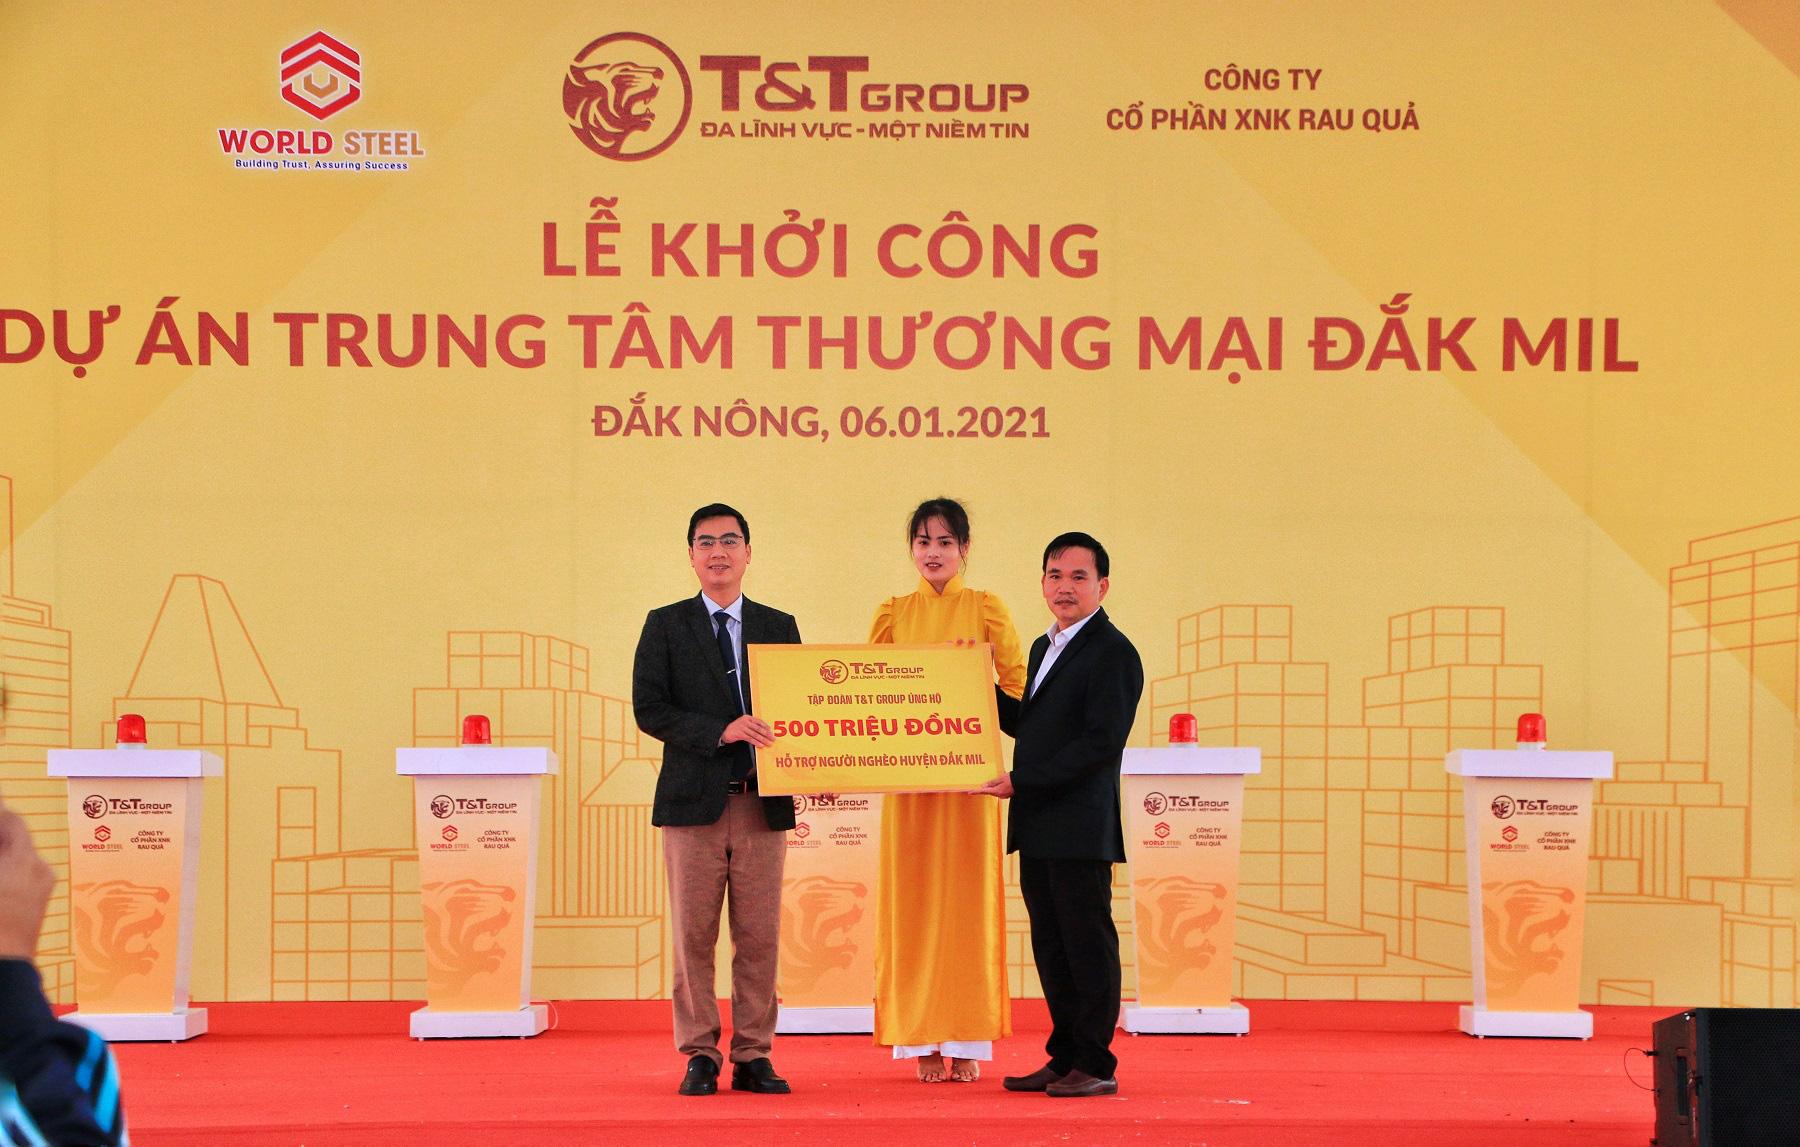 T&T Group khởi công xây dựng Trung tâm thương mại hiện đại tại Đắk Nông - Ảnh 3.